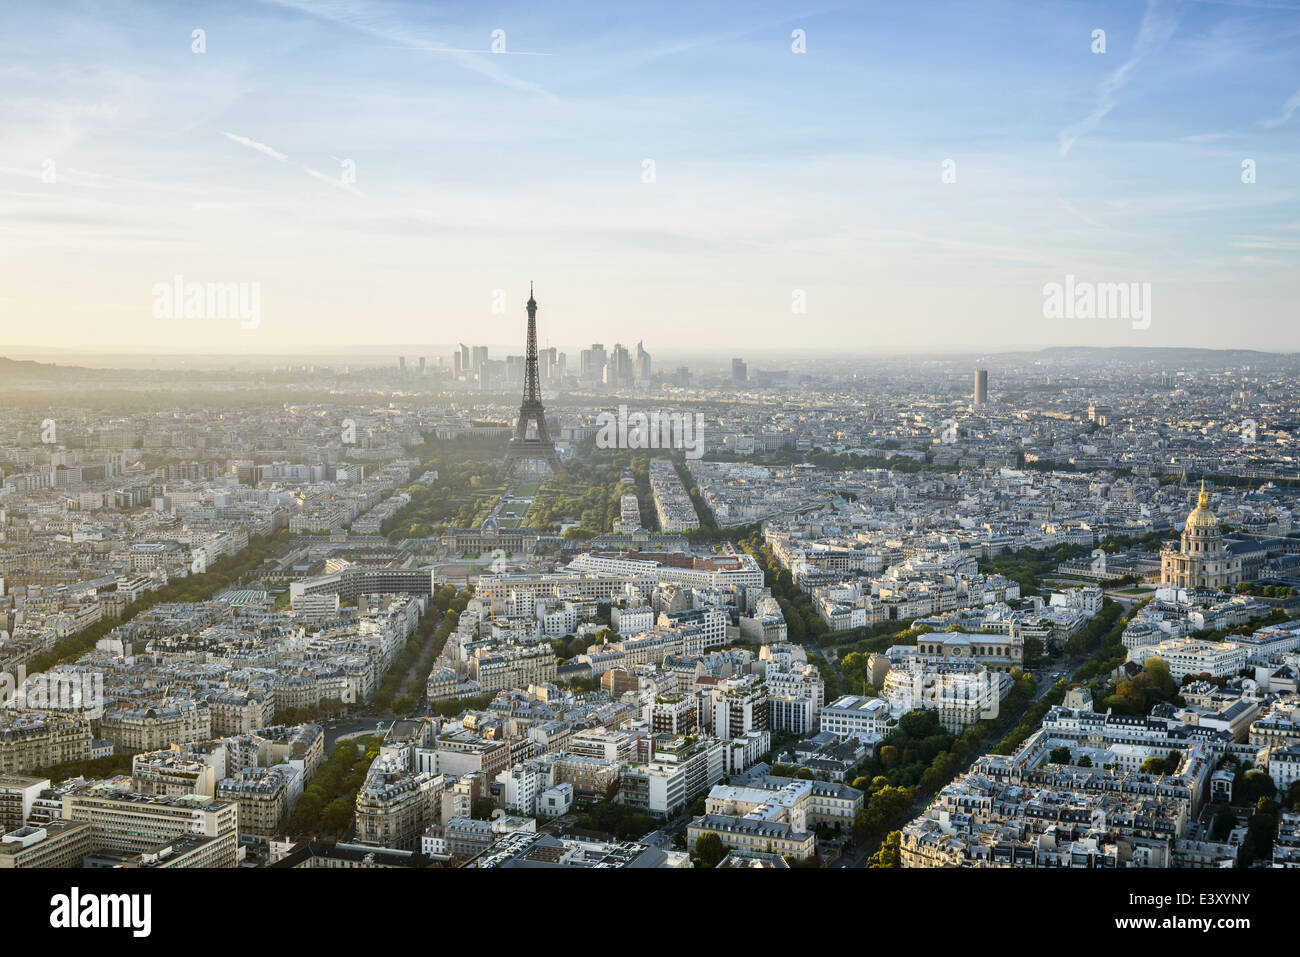 Vue aérienne de la ville de Paris, Paris, Ile de France, France Photo Stock